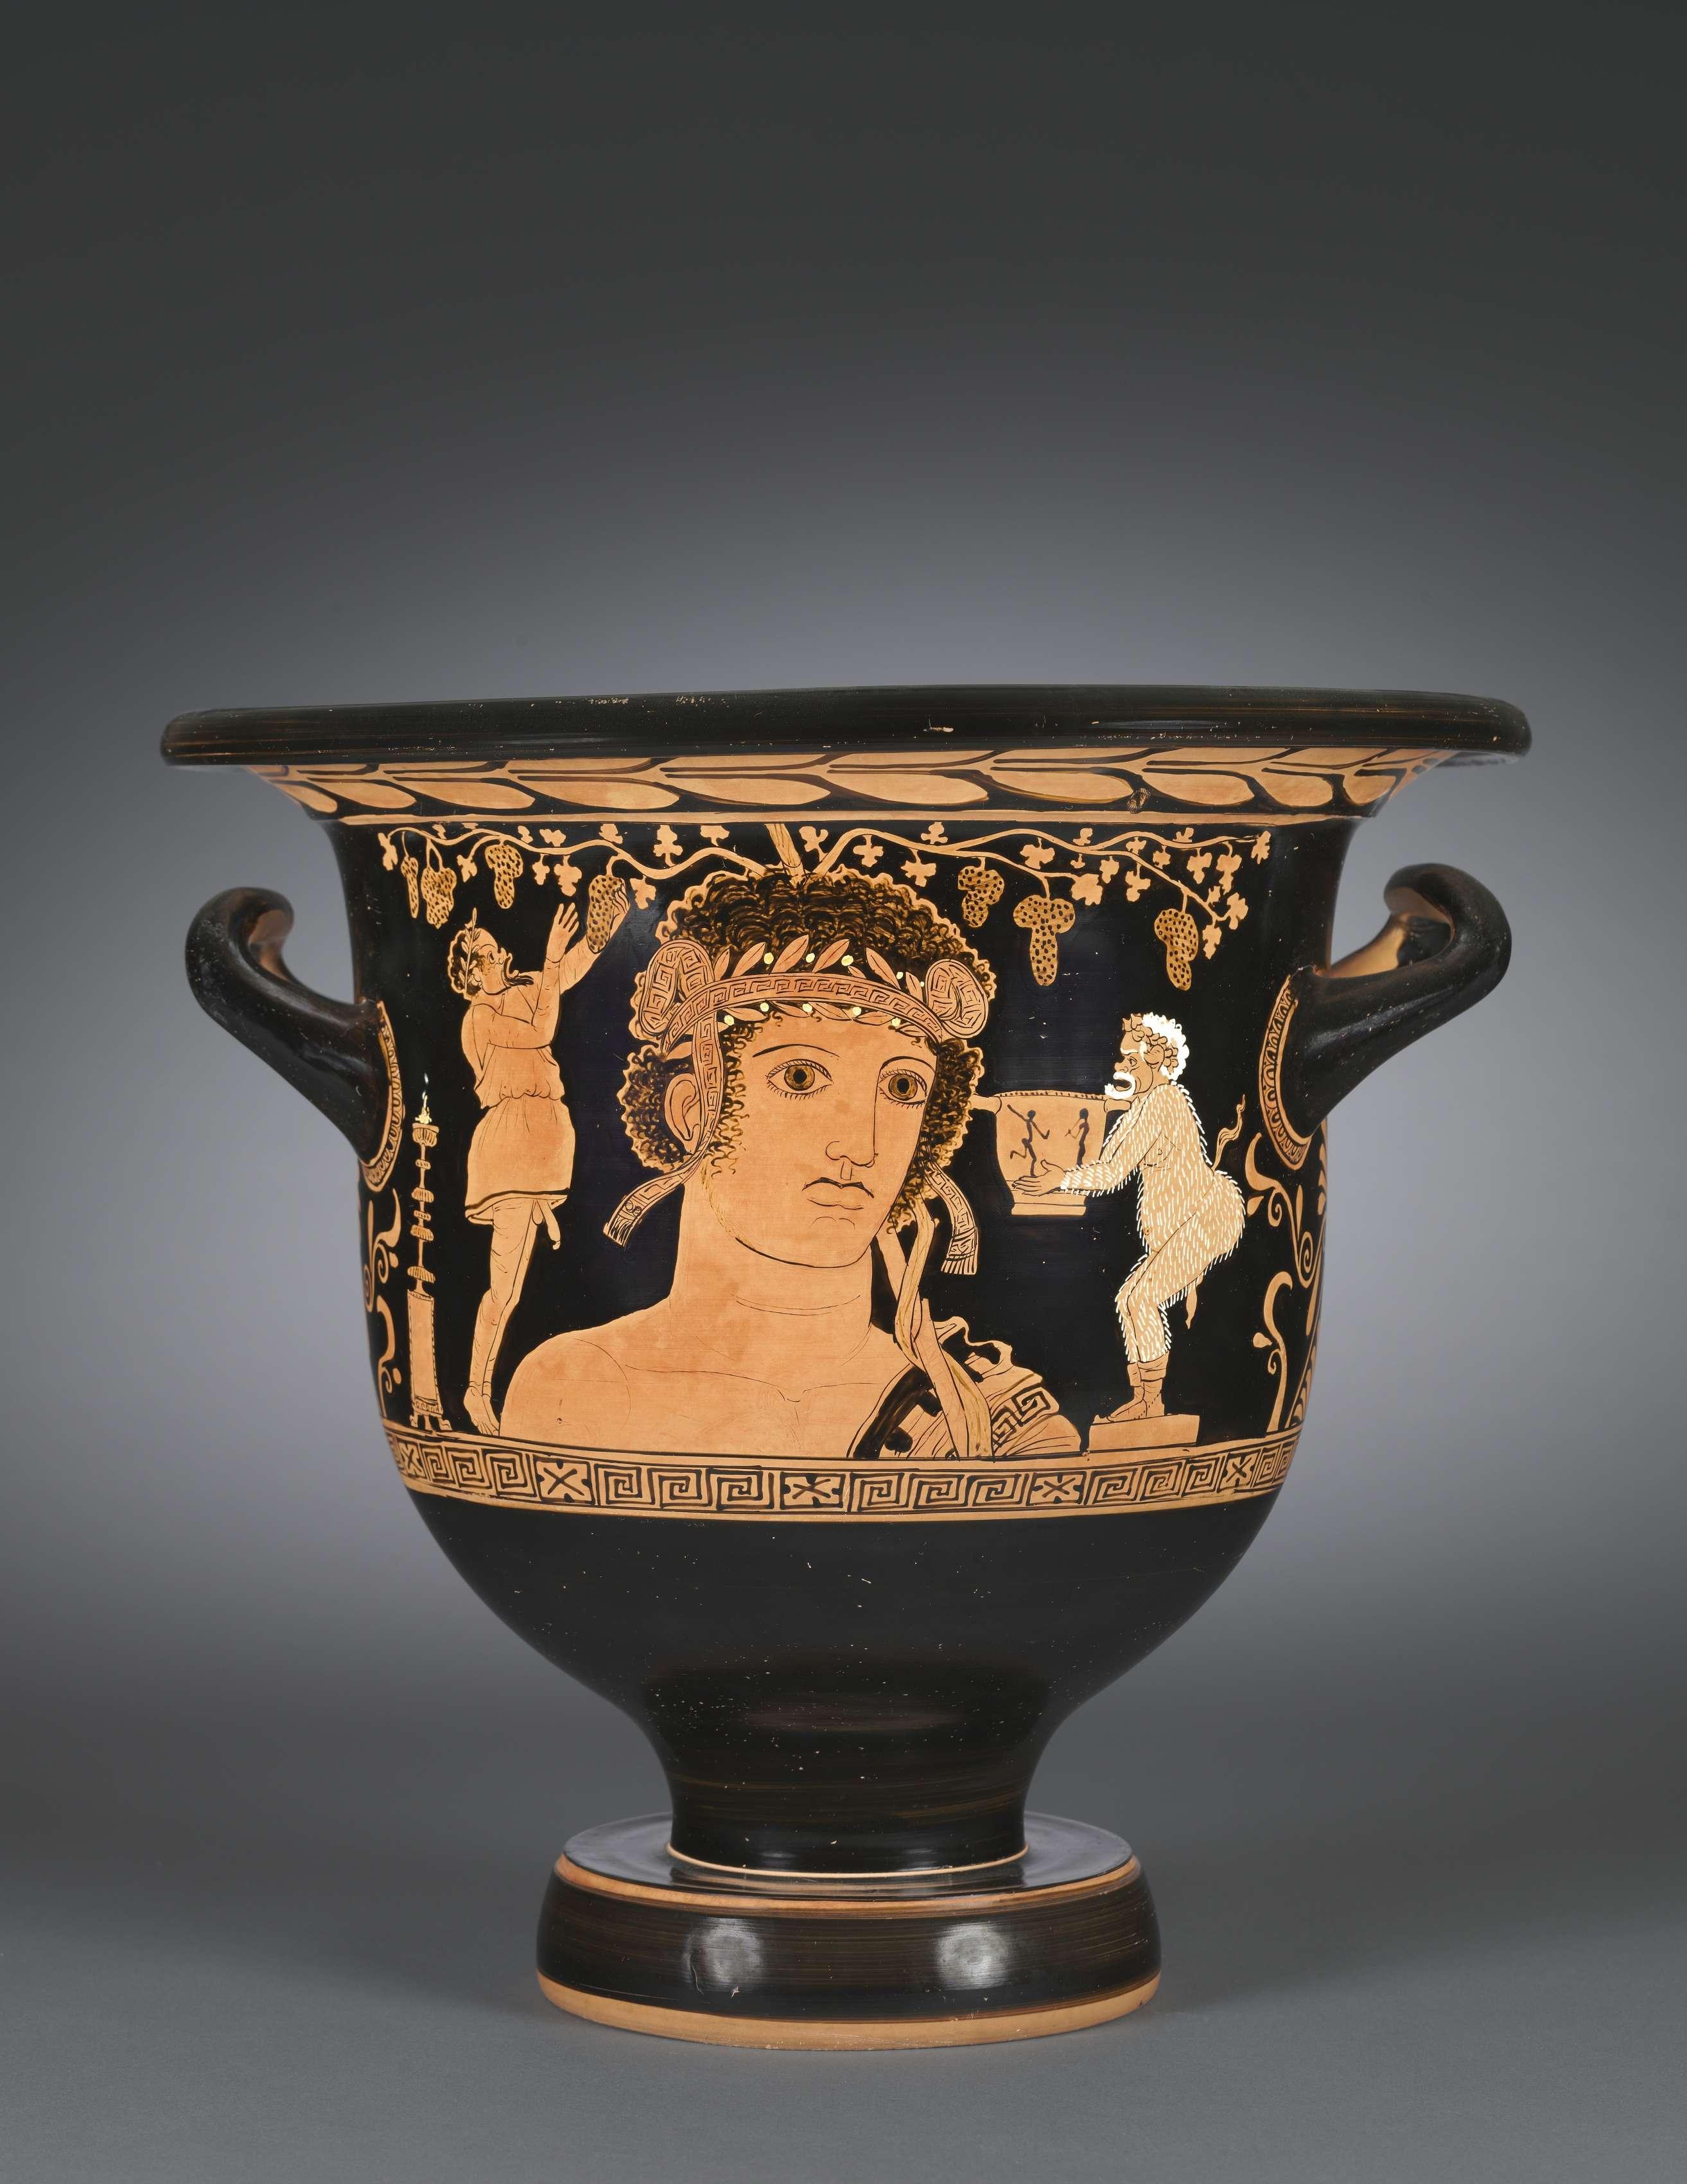 Ο θεός Διόνυσος. Κρατήρας. Red-Figure Bell-Krater (Mixing Vessel): Bust of Dionysos and Comic Actors. c. 390-380 BCΜουσείο Τέχνης του Κλίβελαντ.